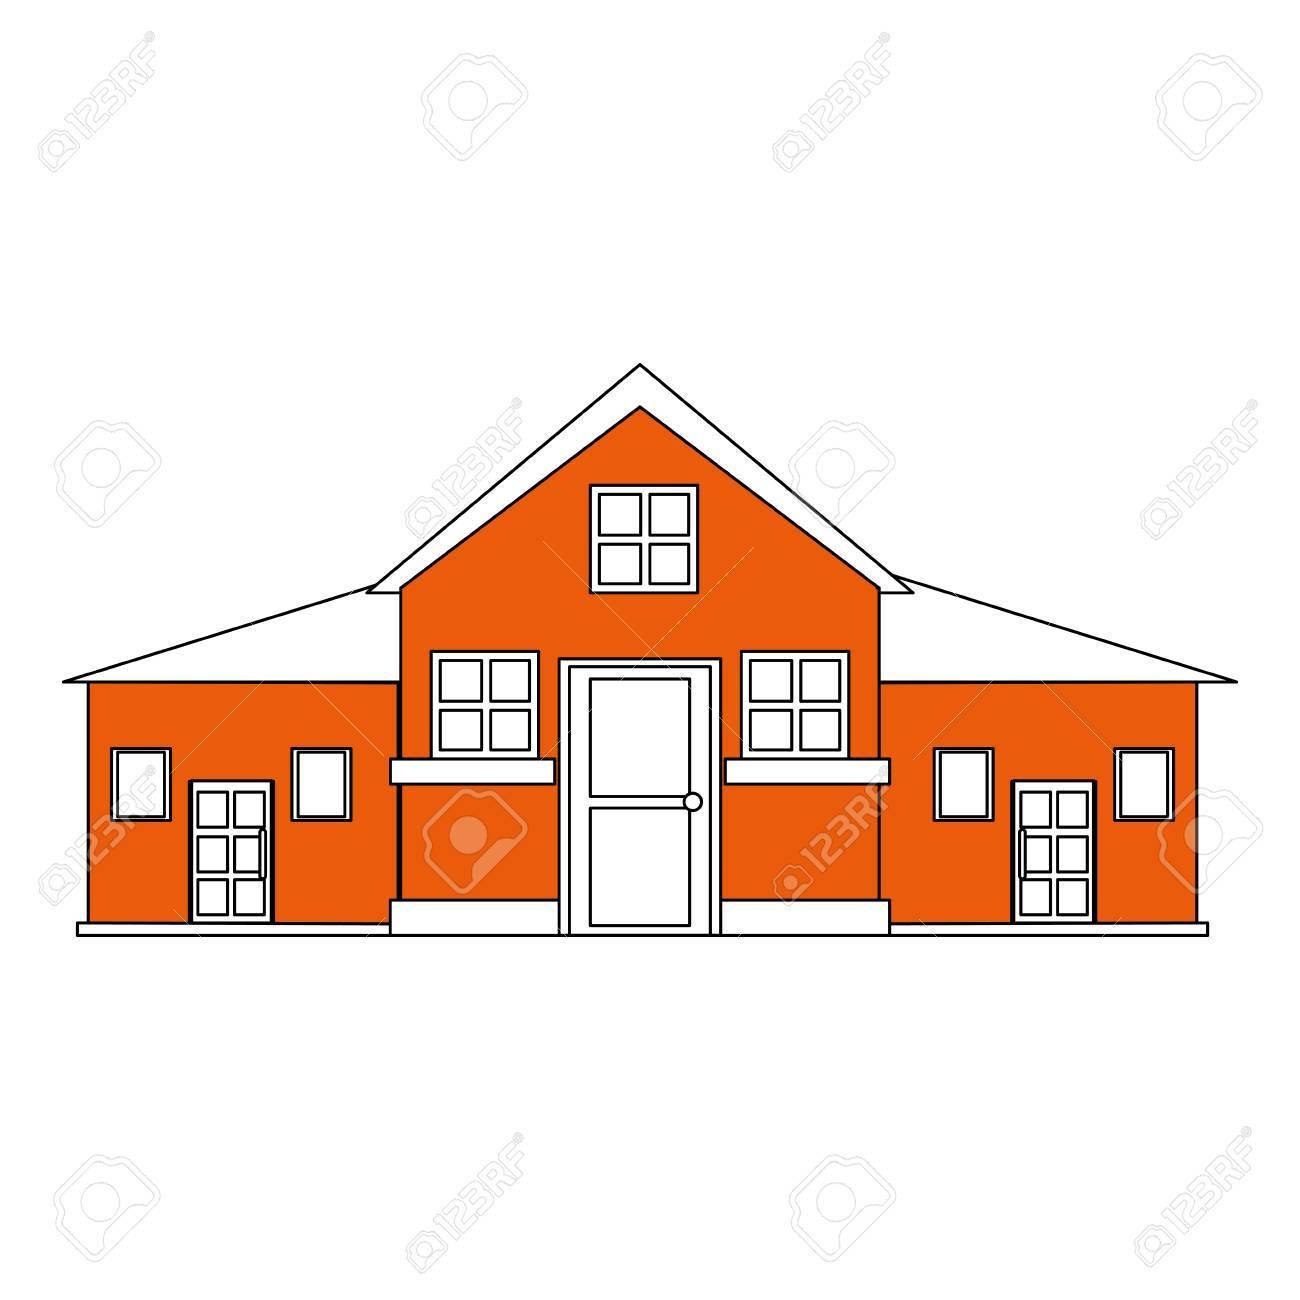 Couleur Silhouette Dessin Anime Orange Facade Grande Maison Confortable Avec Deux Etages Vector Illustration Clip Art Libres De Droits Vecteurs Et Illustration Image 77700971